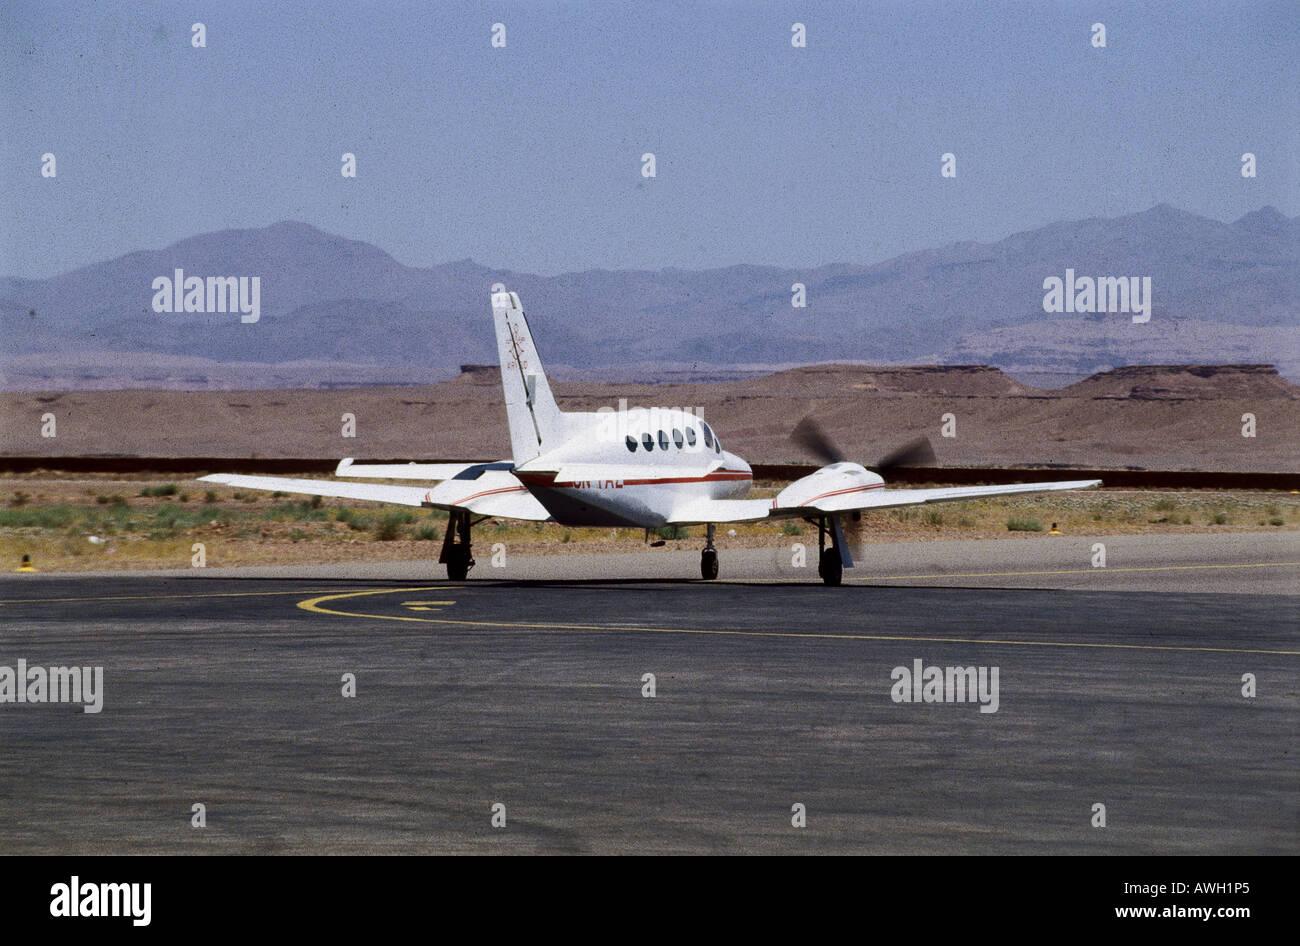 le maroc ouarzazate avions lgers sur le vol intrieur atterrissage sur piste de laroport